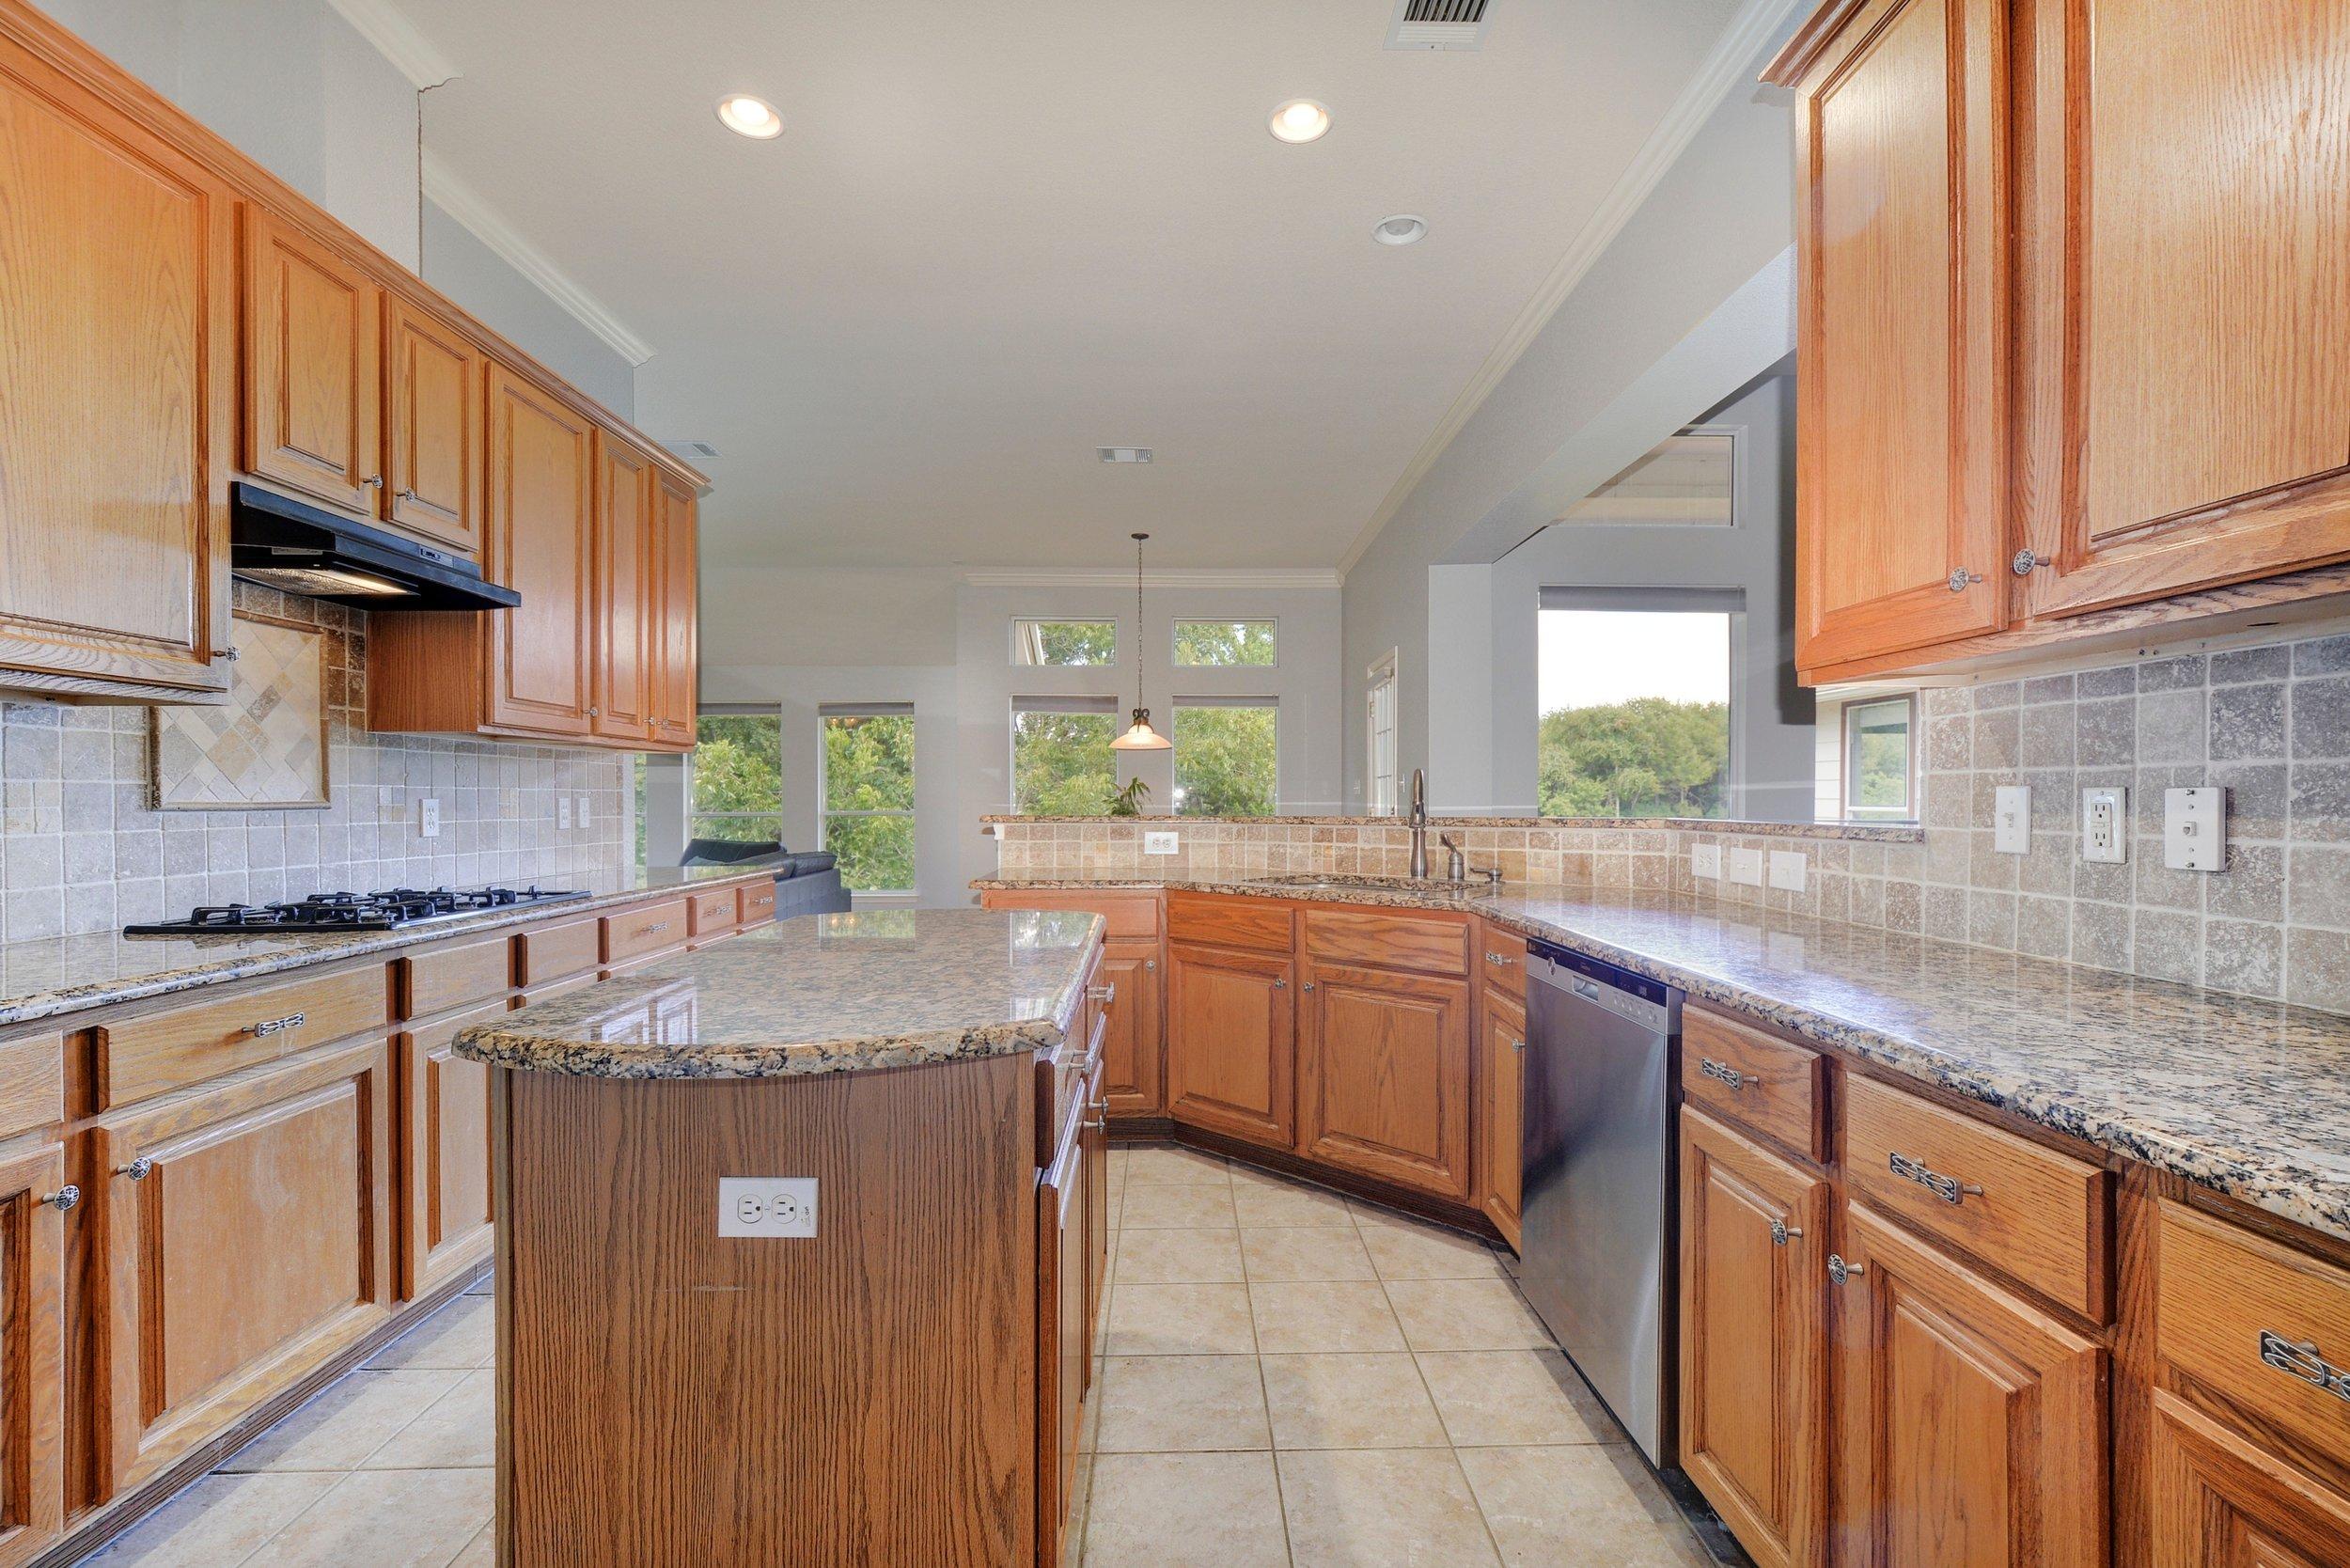 016-248949-Kitchen 001_5638107.jpg